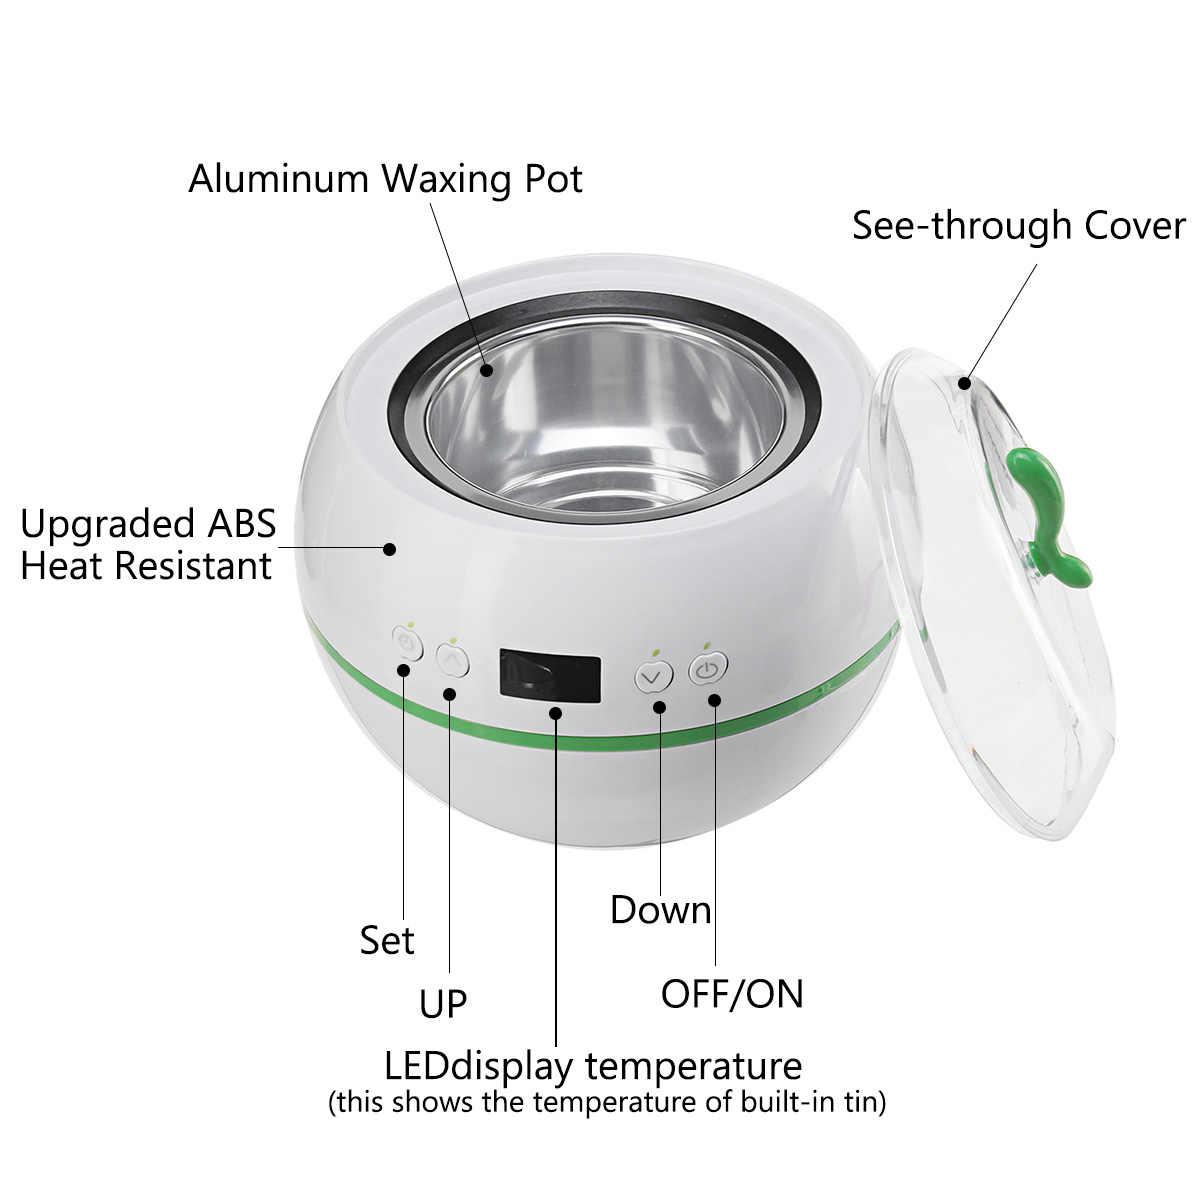 ABD/AB Fiş Epilasyon Kiti Akıllı Ağda Isıtıcı Fasulye Sticks Cilt Bakım Tüy Dökücü Ağda Isıtıcı Wax Pot Isıtıcı şeritler 110 V-240 V